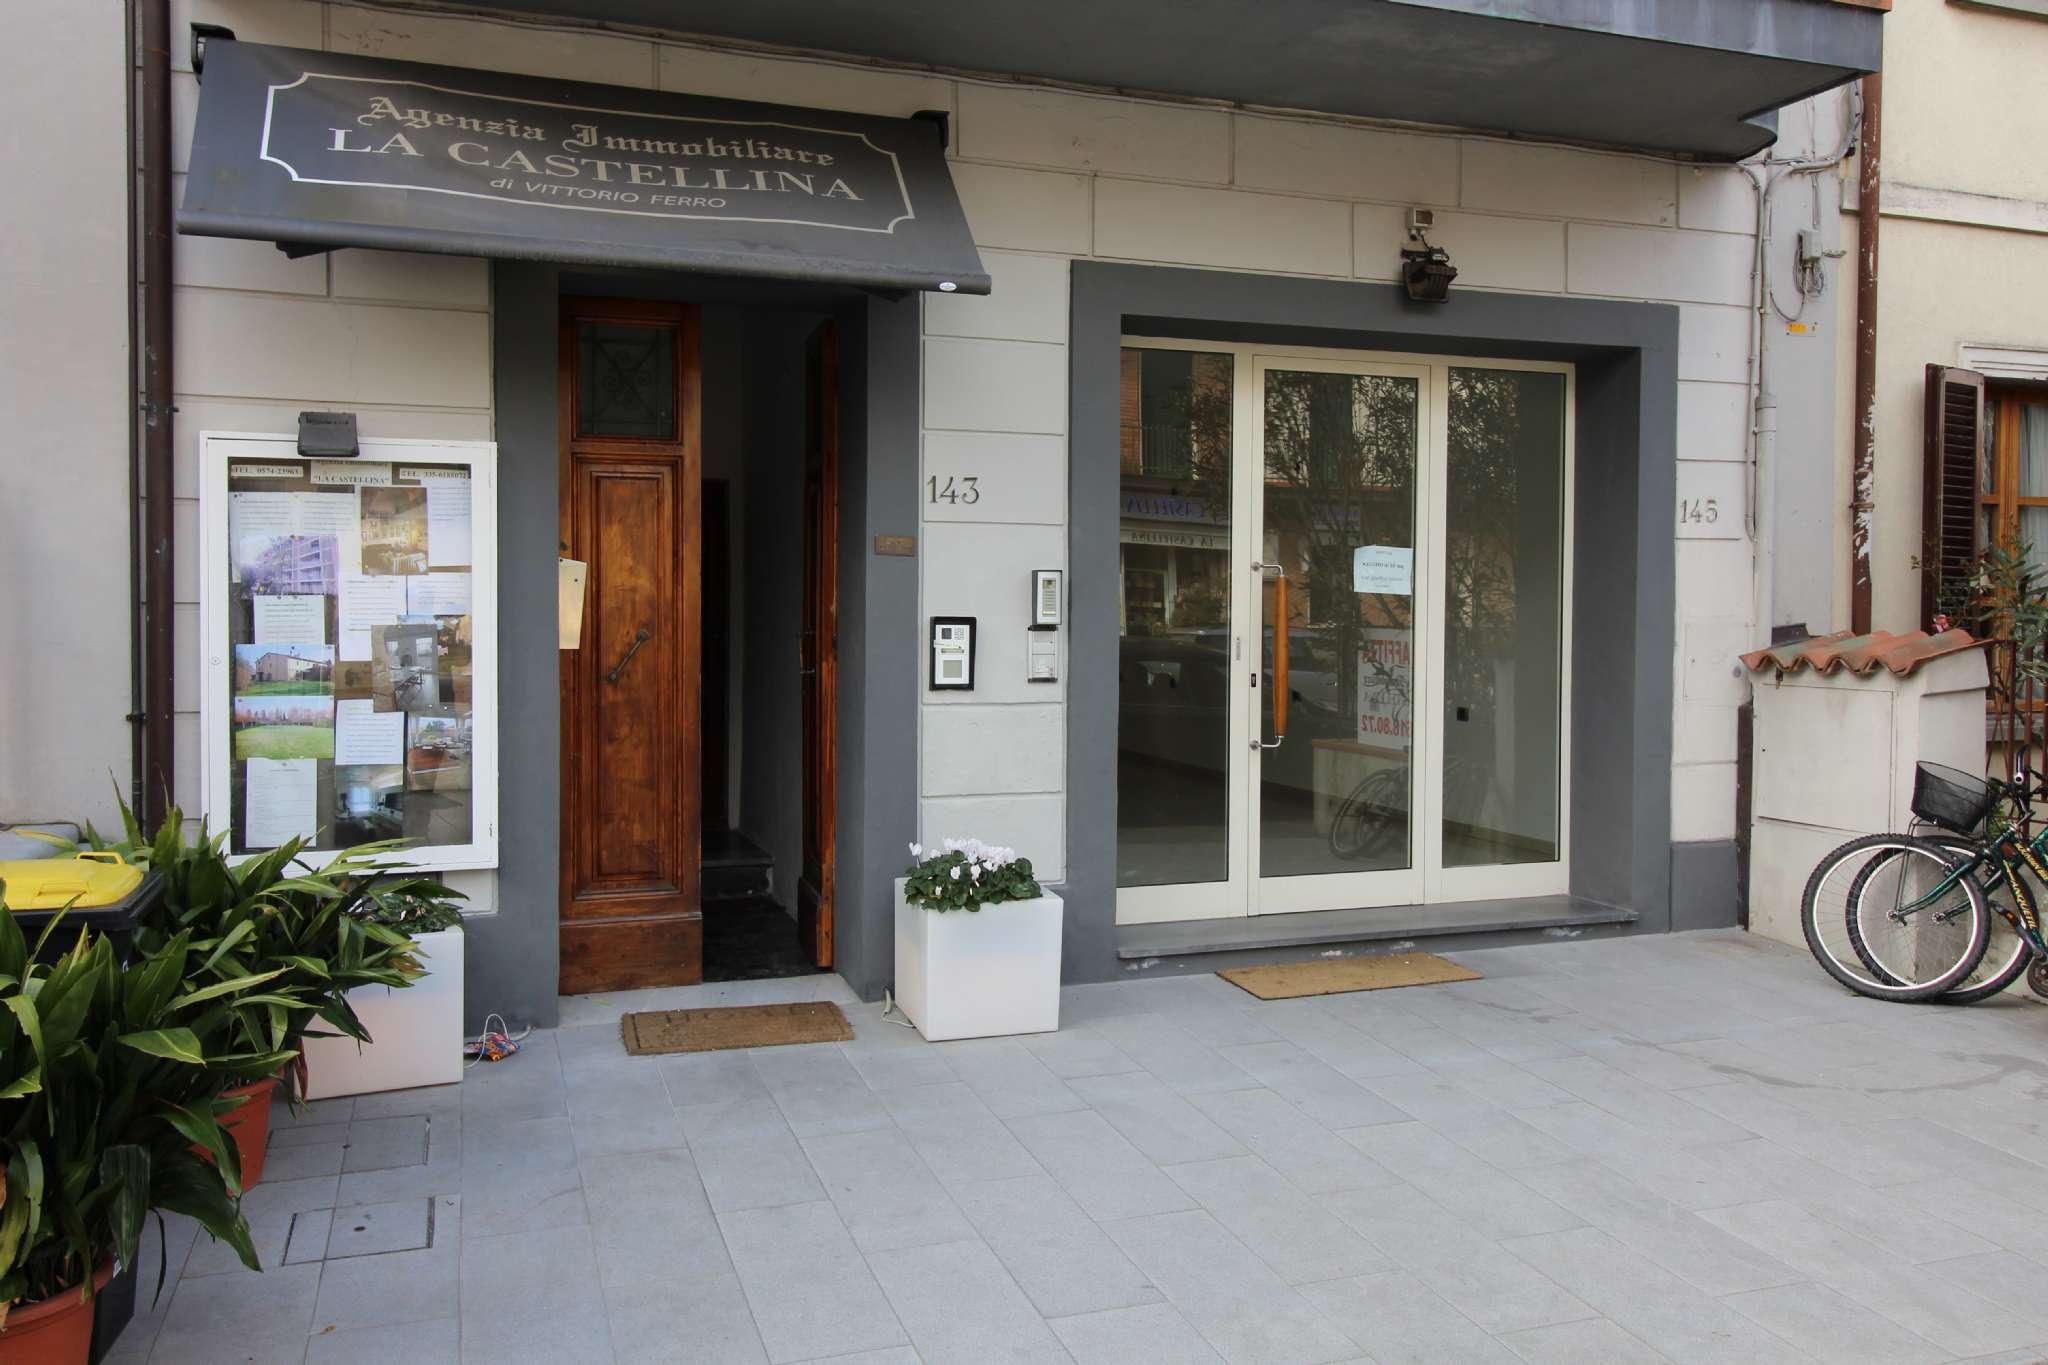 Negozio / Locale in affitto a Prato, 3 locali, prezzo € 1.200   Cambio Casa.it